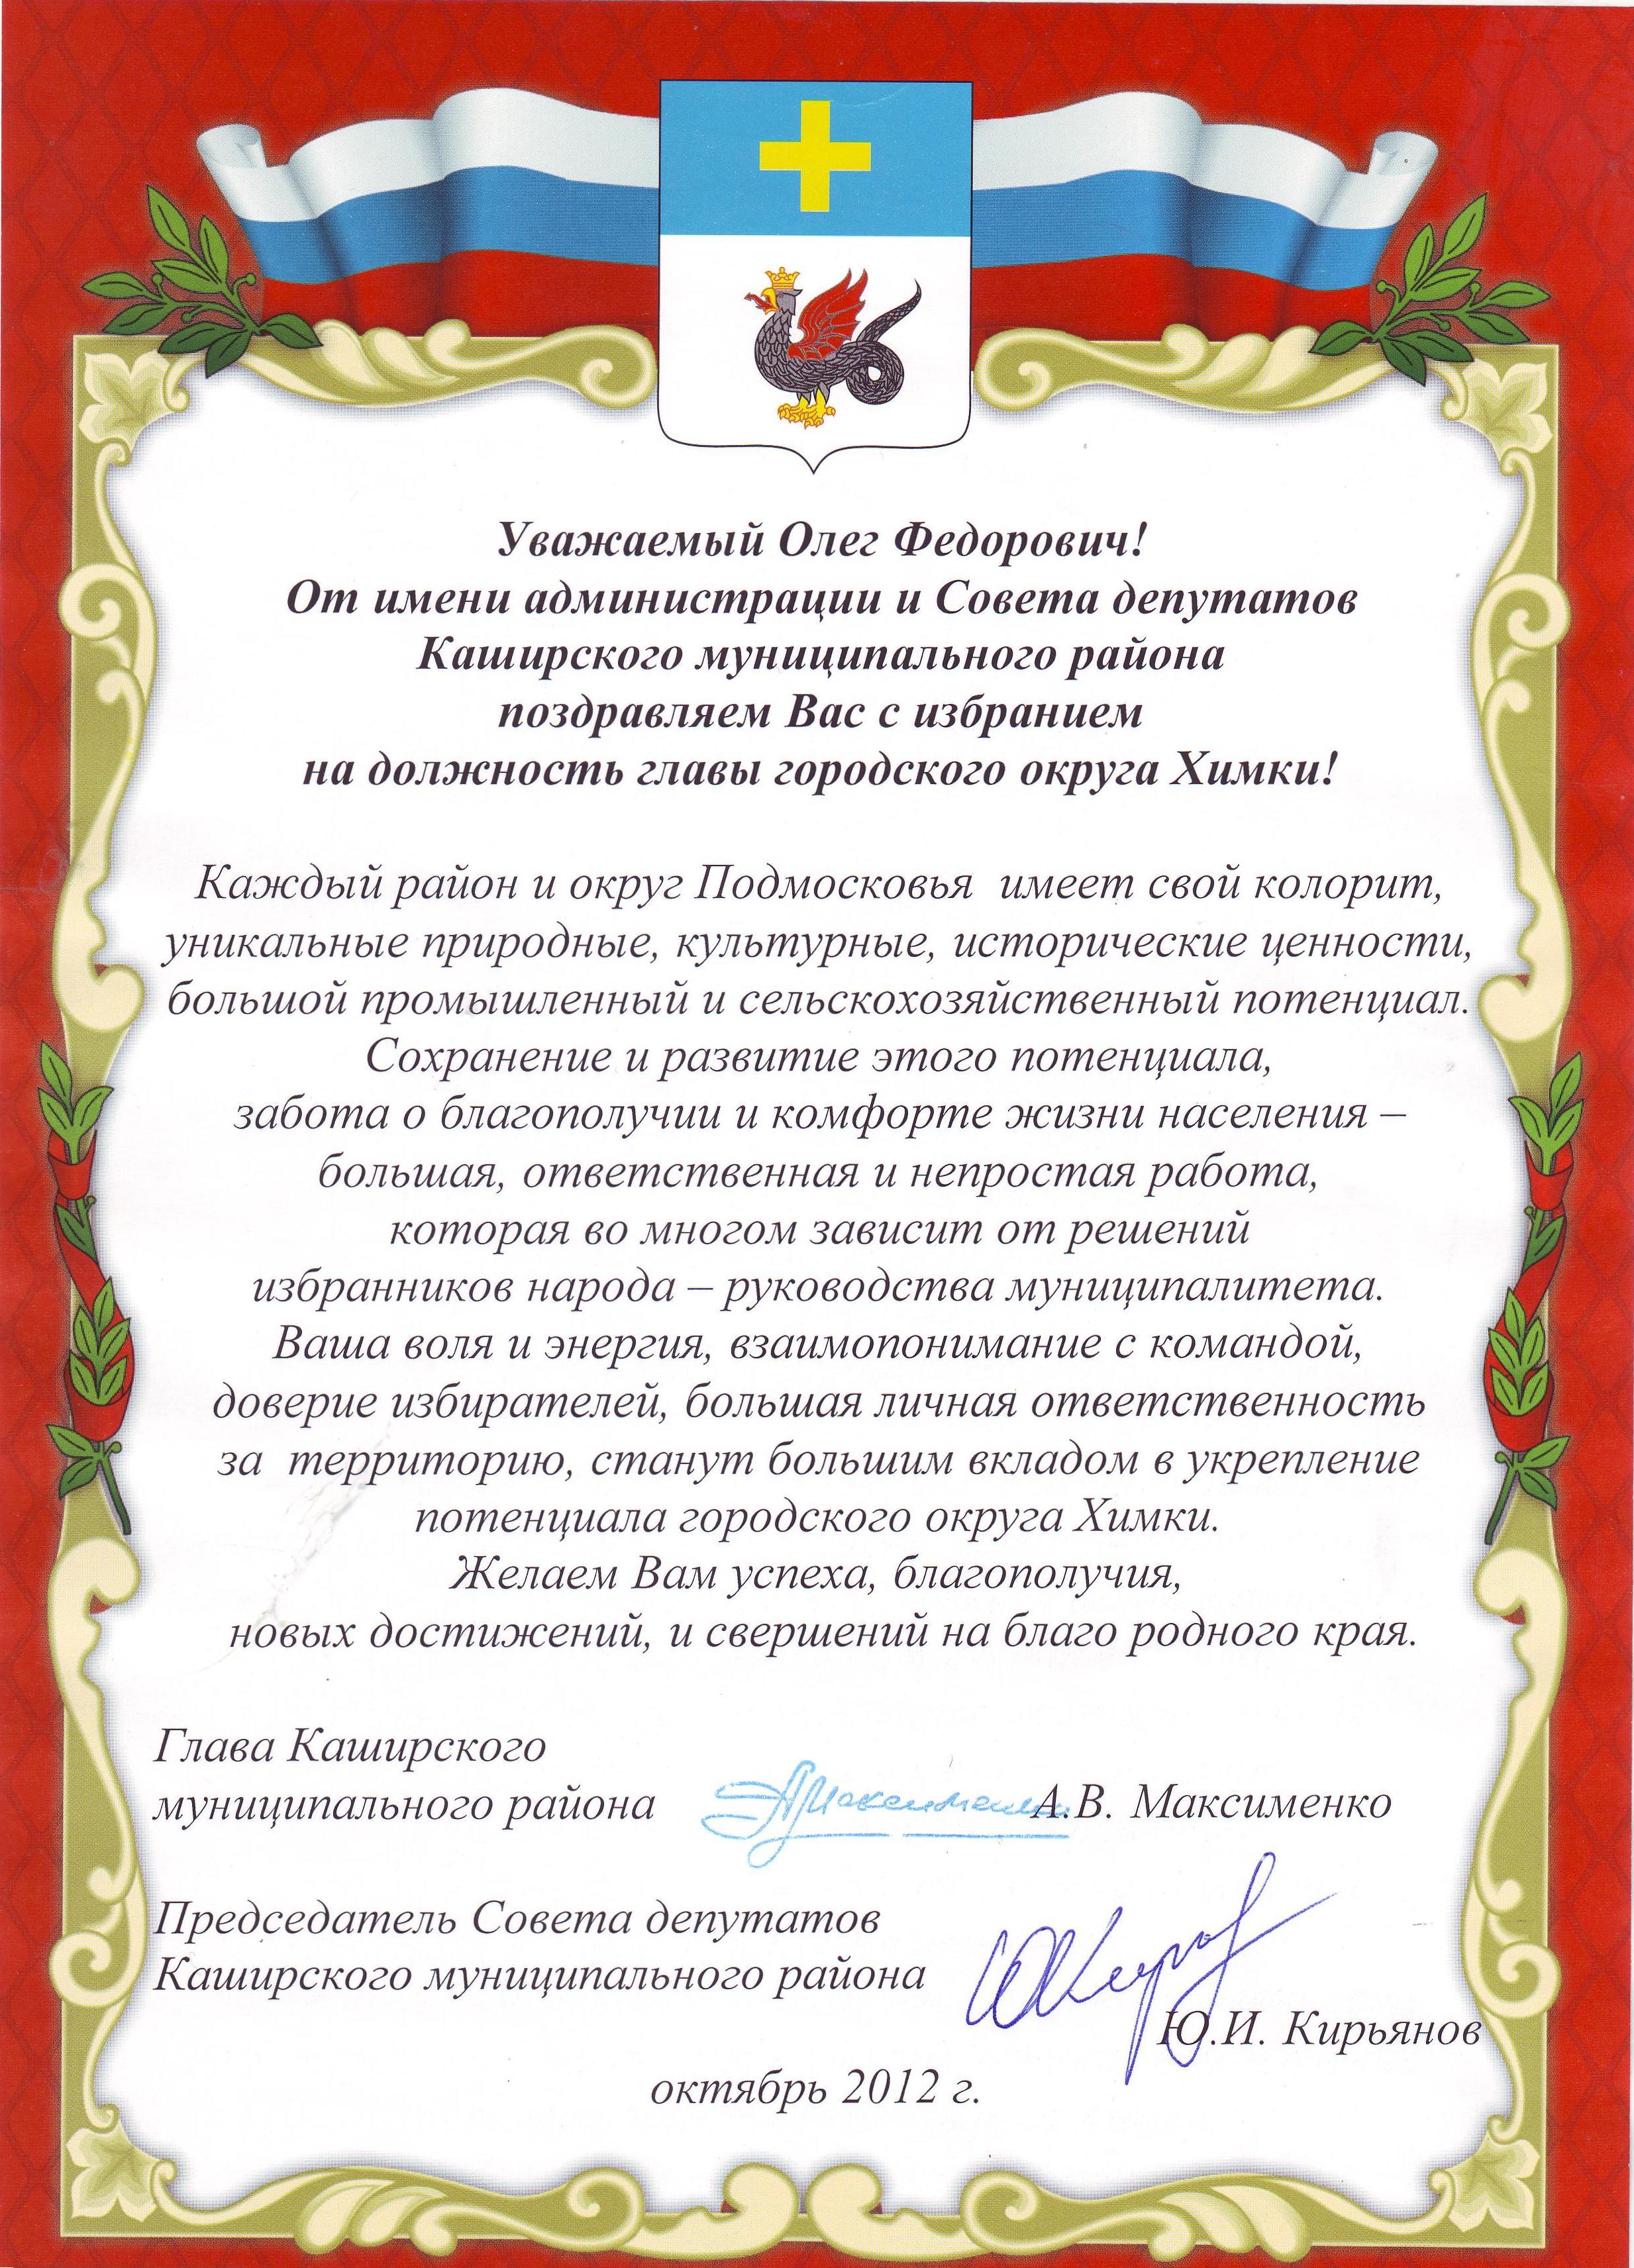 Поздравление с назначением на должность директора